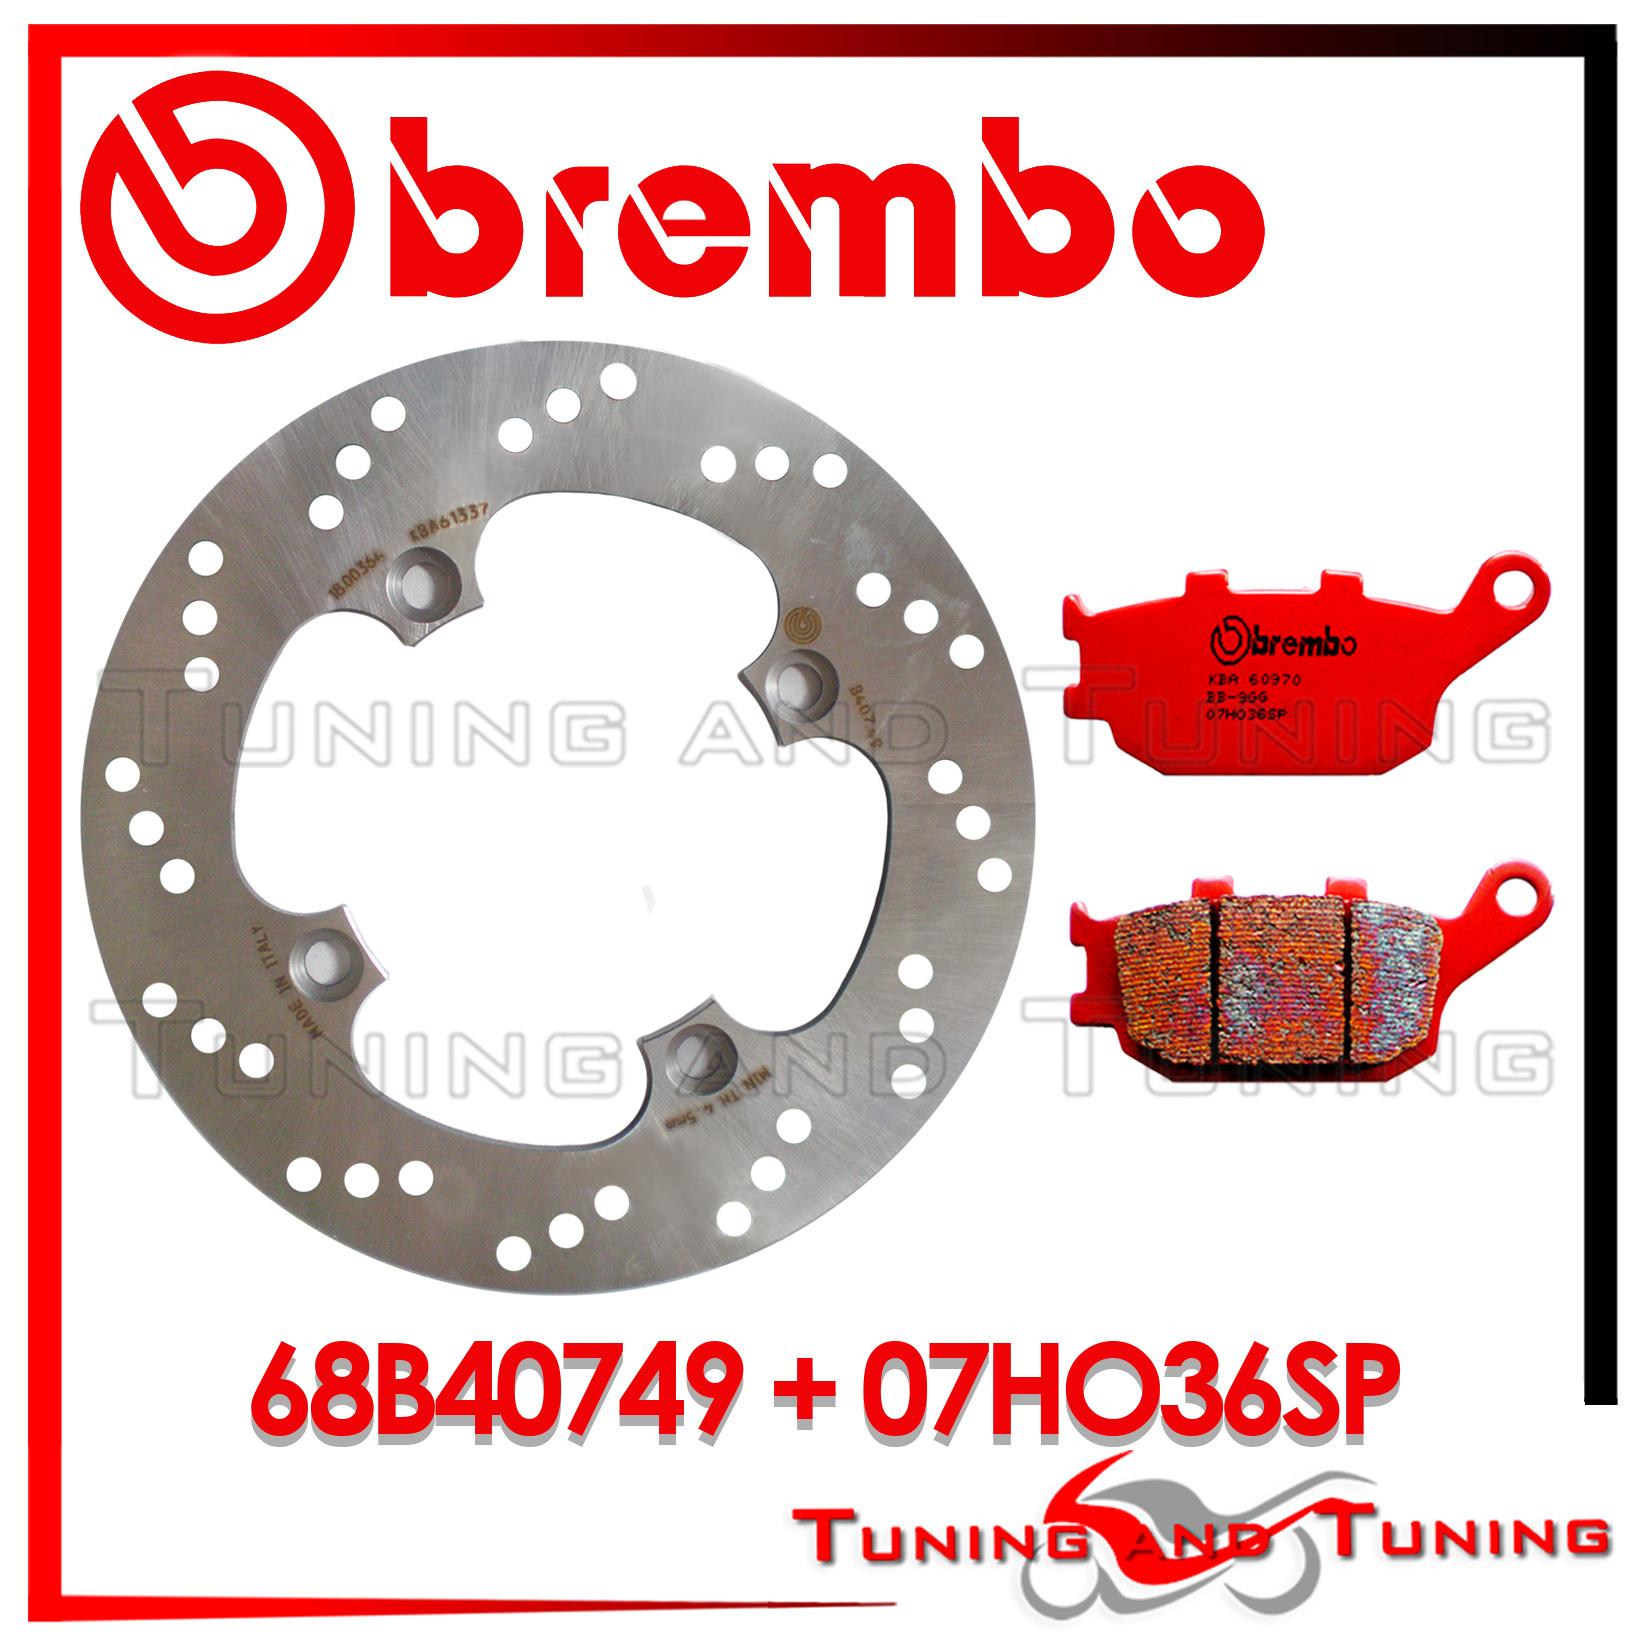 S 2004-600CC FISSO 68B40749 DISCO FRENO POSTERIORE BREMBO HONDA HORNET